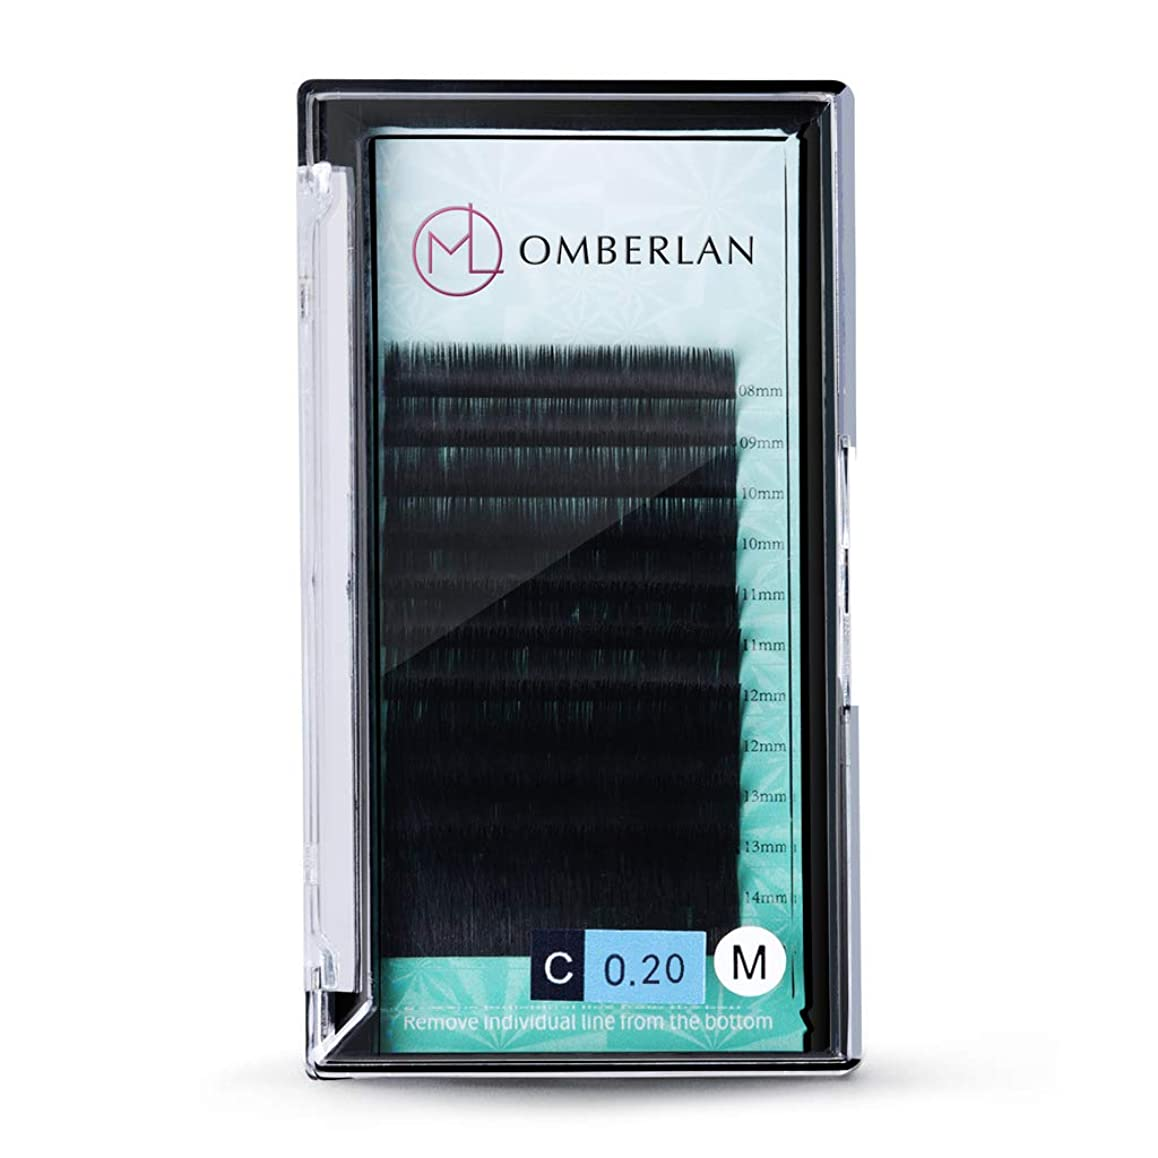 魅惑的な啓発する開発するOmberlanまつげエクステ0.2㎜厚Cカール 8-15㎜ ミックストレイ12まつげ、自然、ソフトで魅力的なプロ用まつげエクステ(Cカール 0.2㎜)